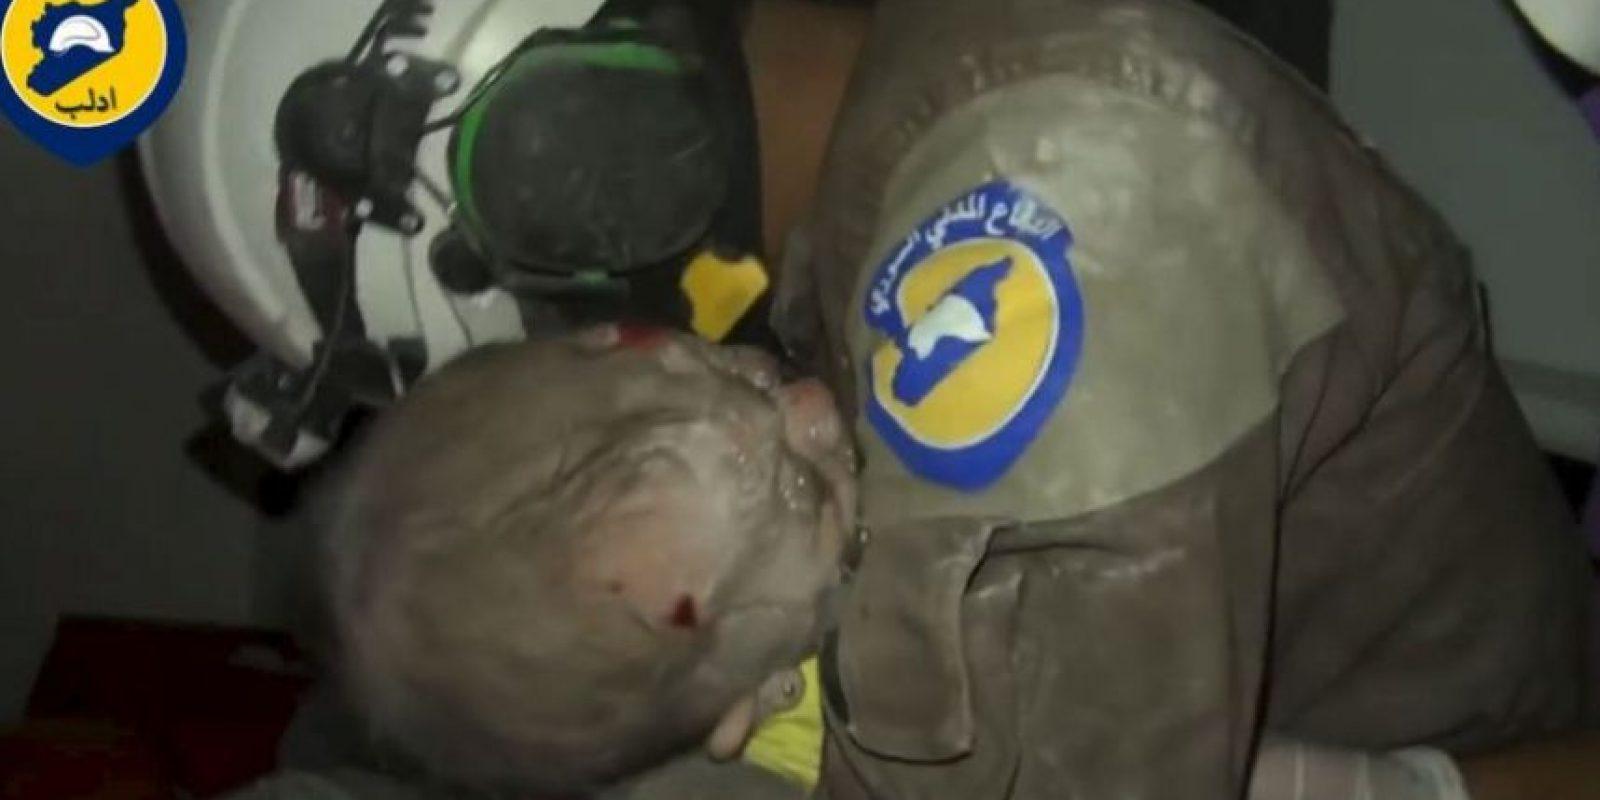 Su rescate fue ampliamente celebrado por los Cascos Blancos. Foto:AFP